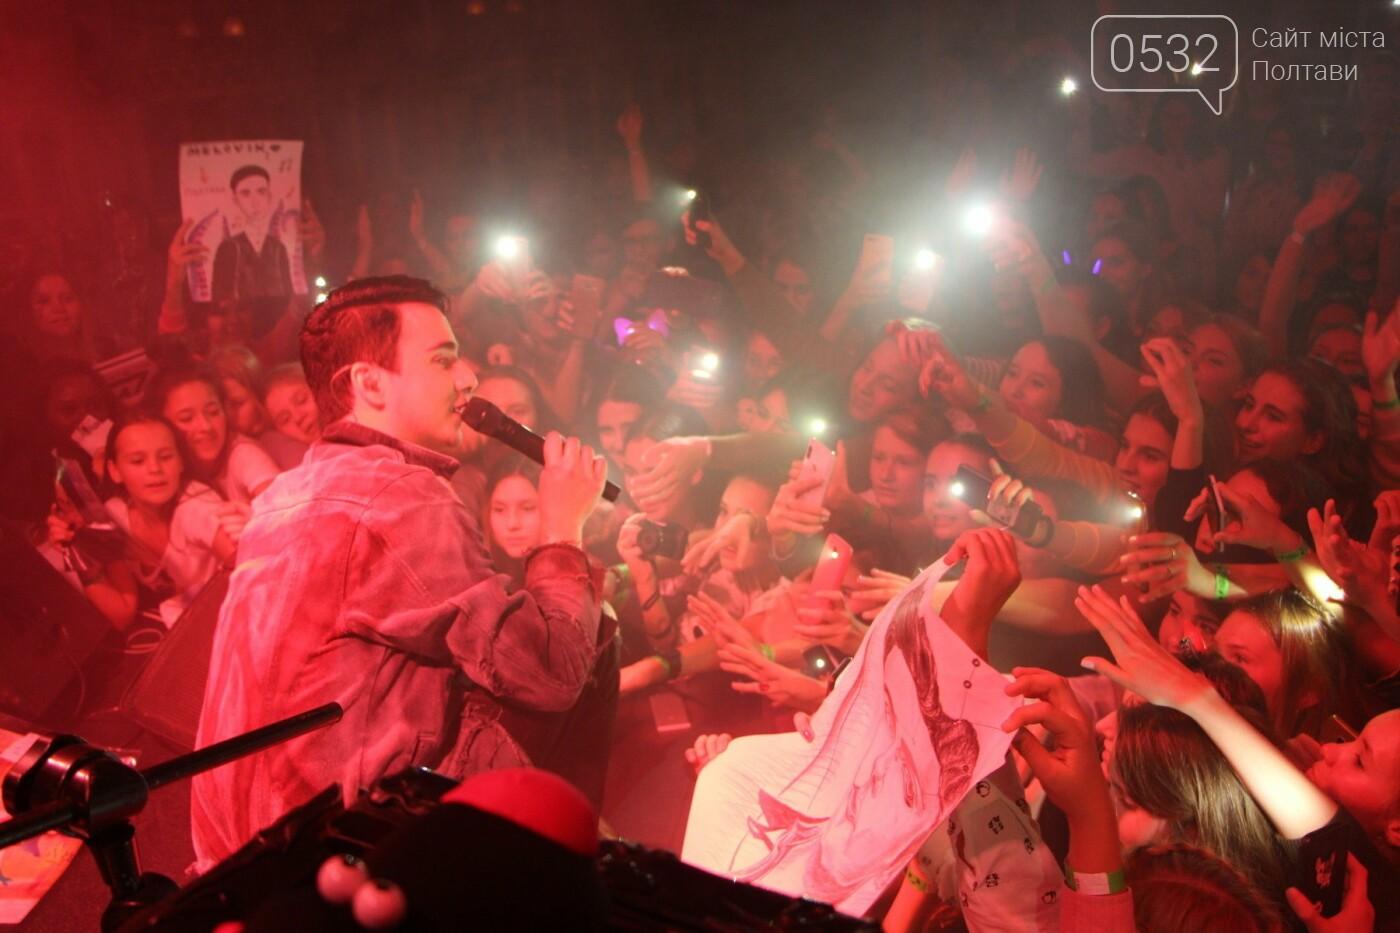 У Полтаві MELOVIN презентував нову пісню та заспівав із сотнями фанатів (ФОТО, ВІДЕО), фото-5